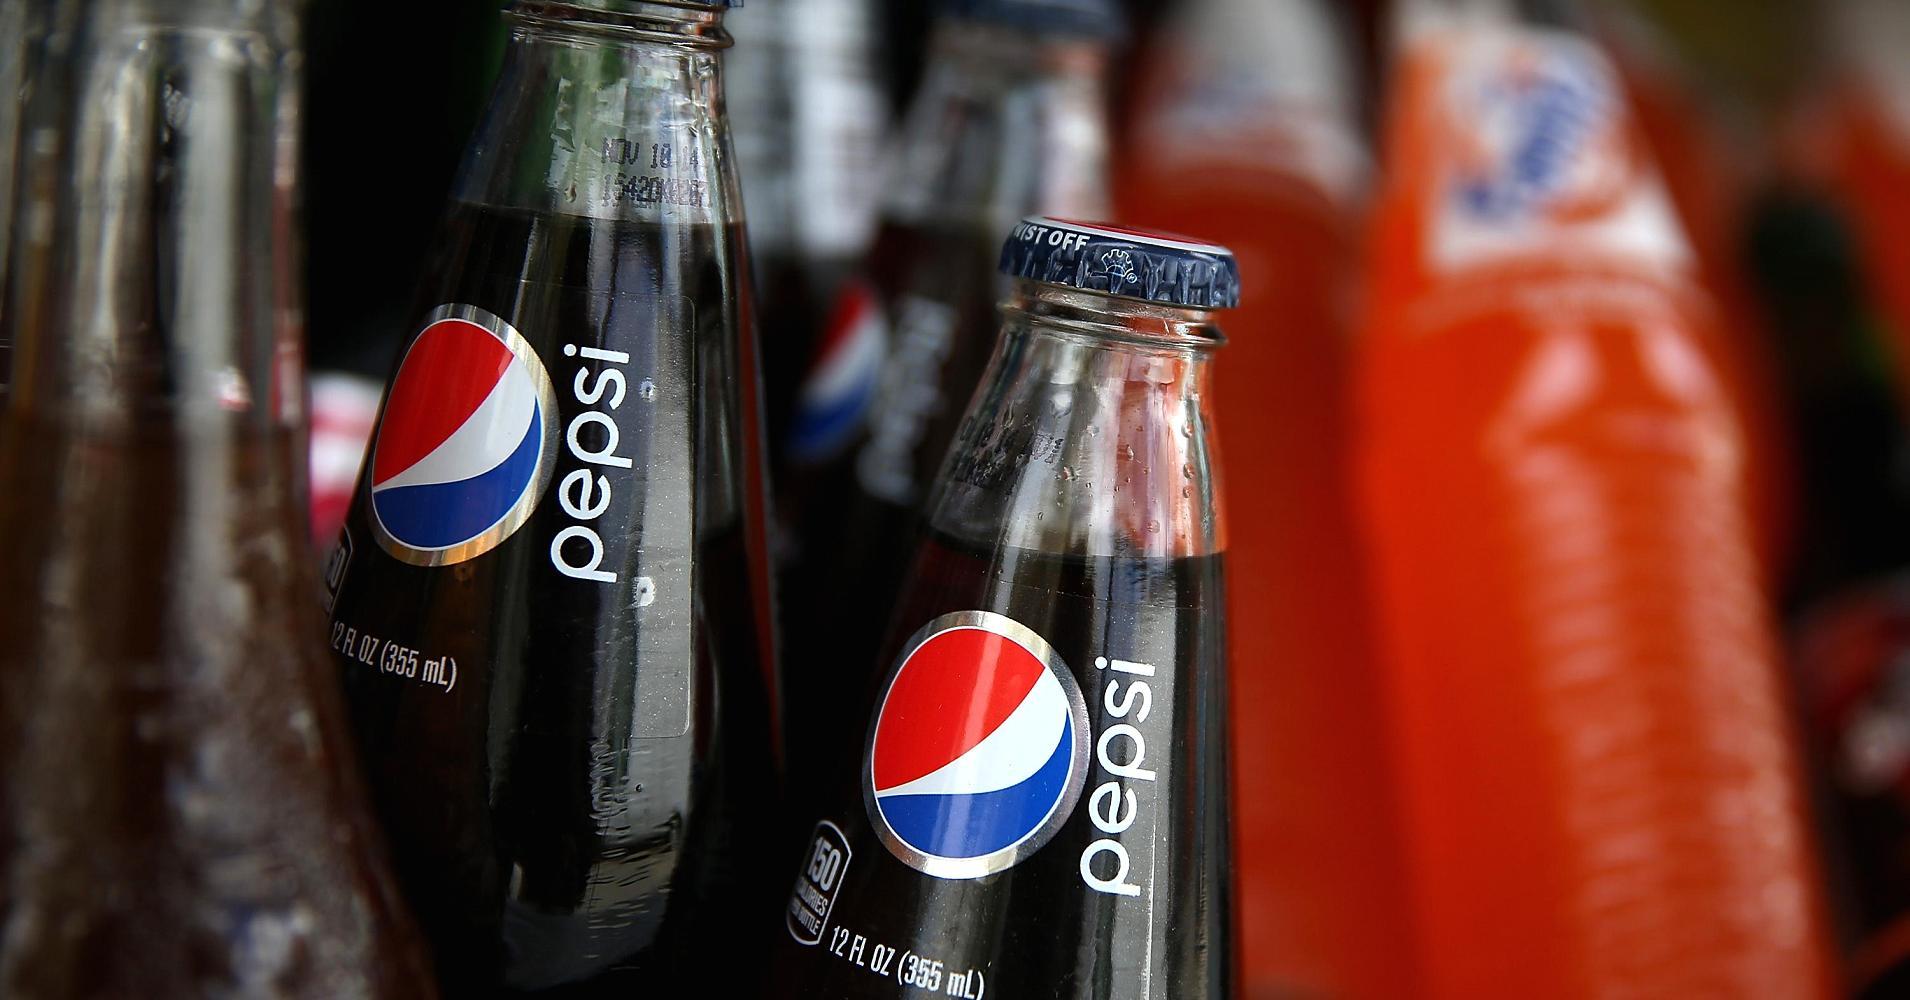 Pepsico In Bid To Acquire Vita Coco Owner: Sources photo